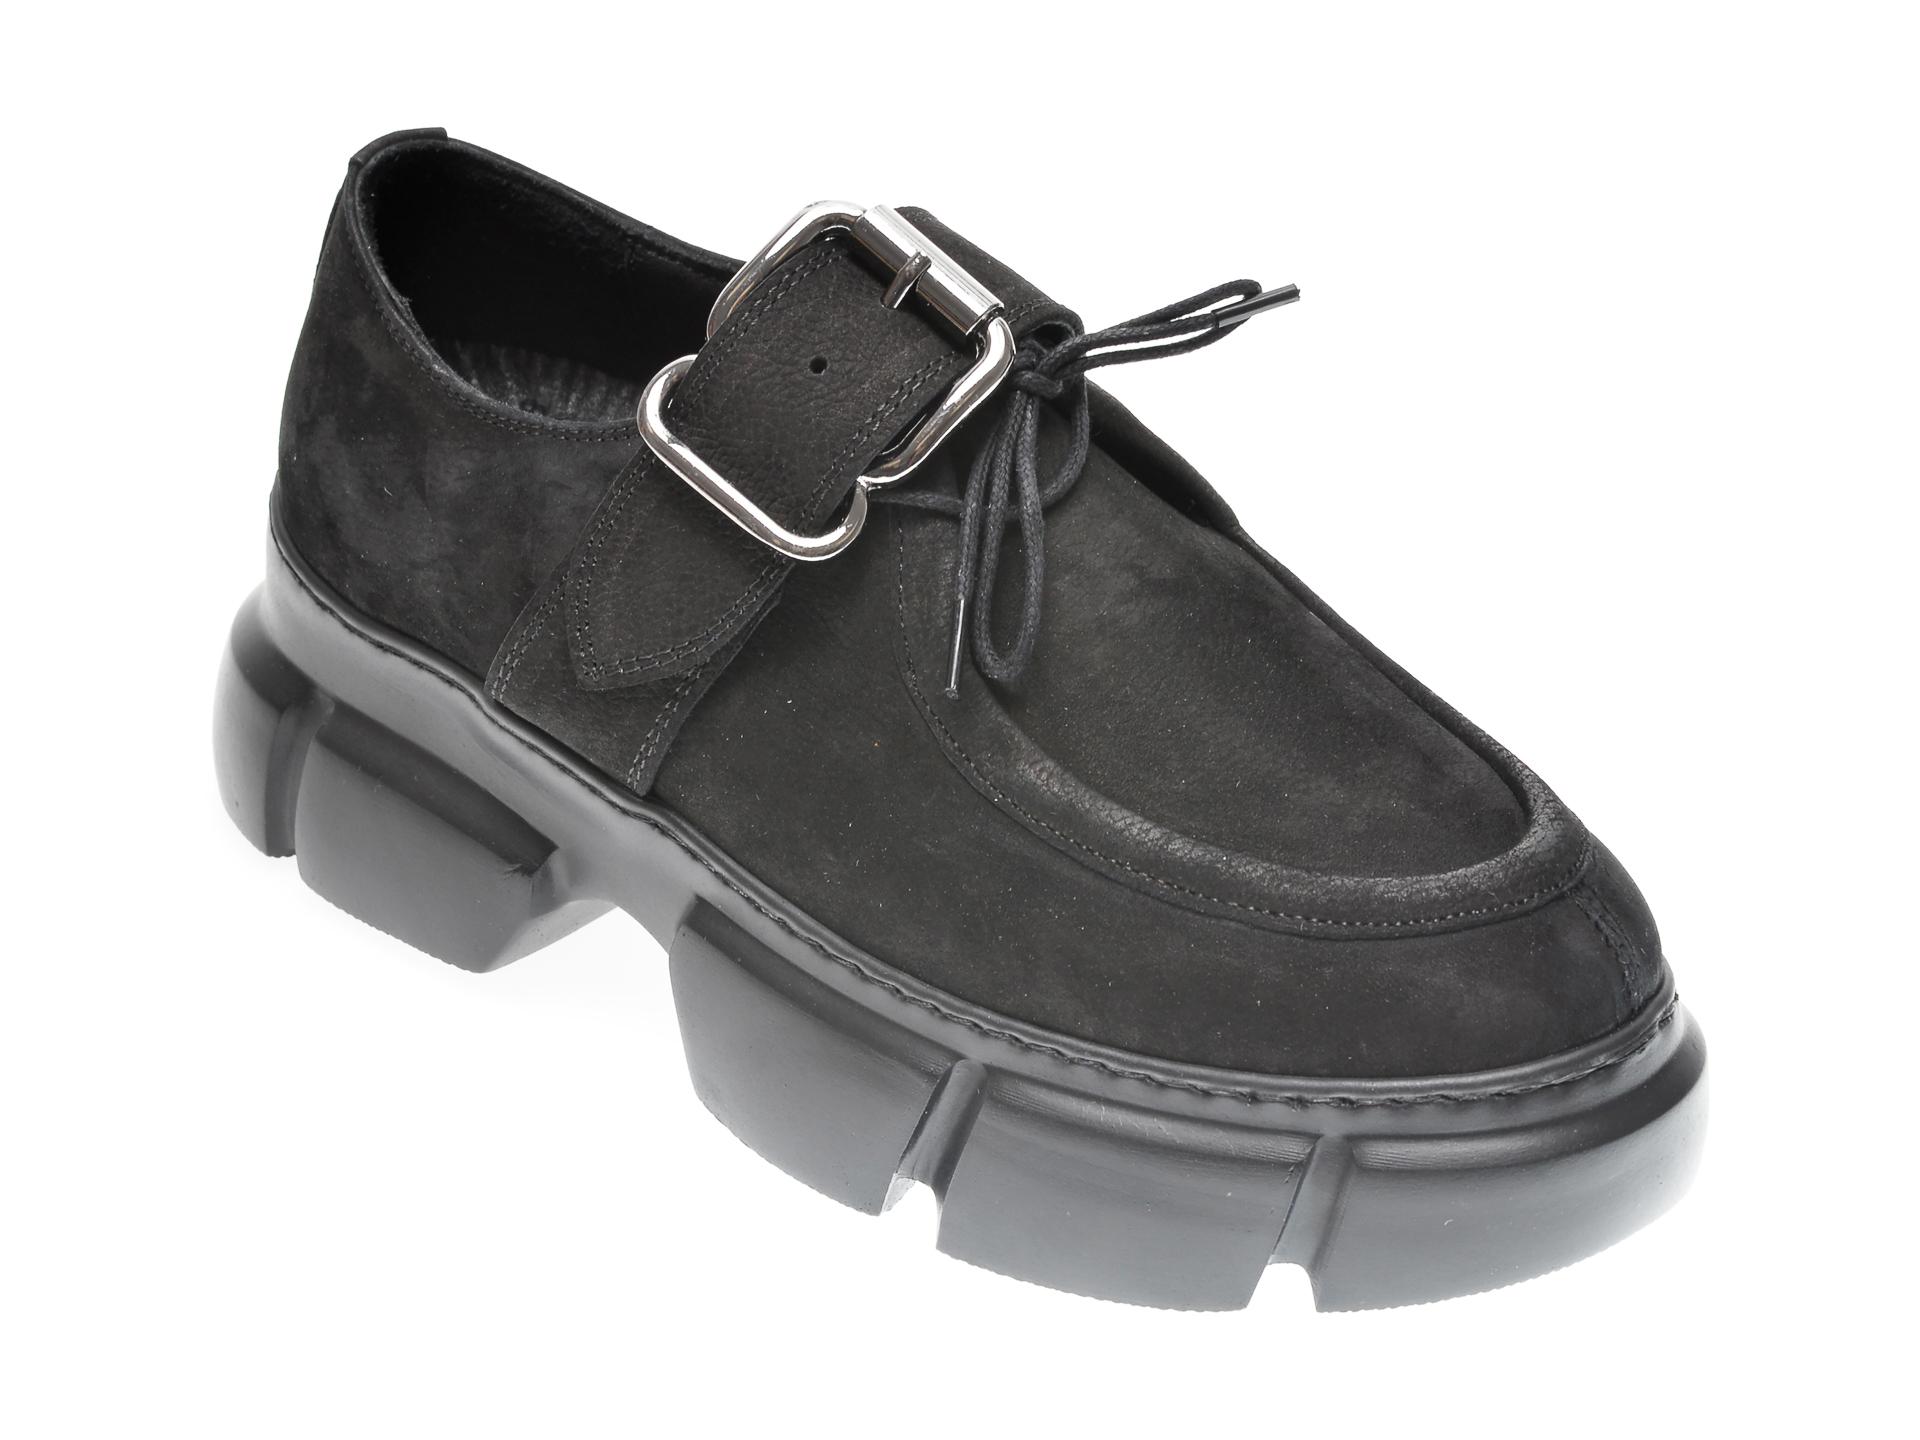 Pantofi Flavia Passini Negri, 1185342, Din Nabuc